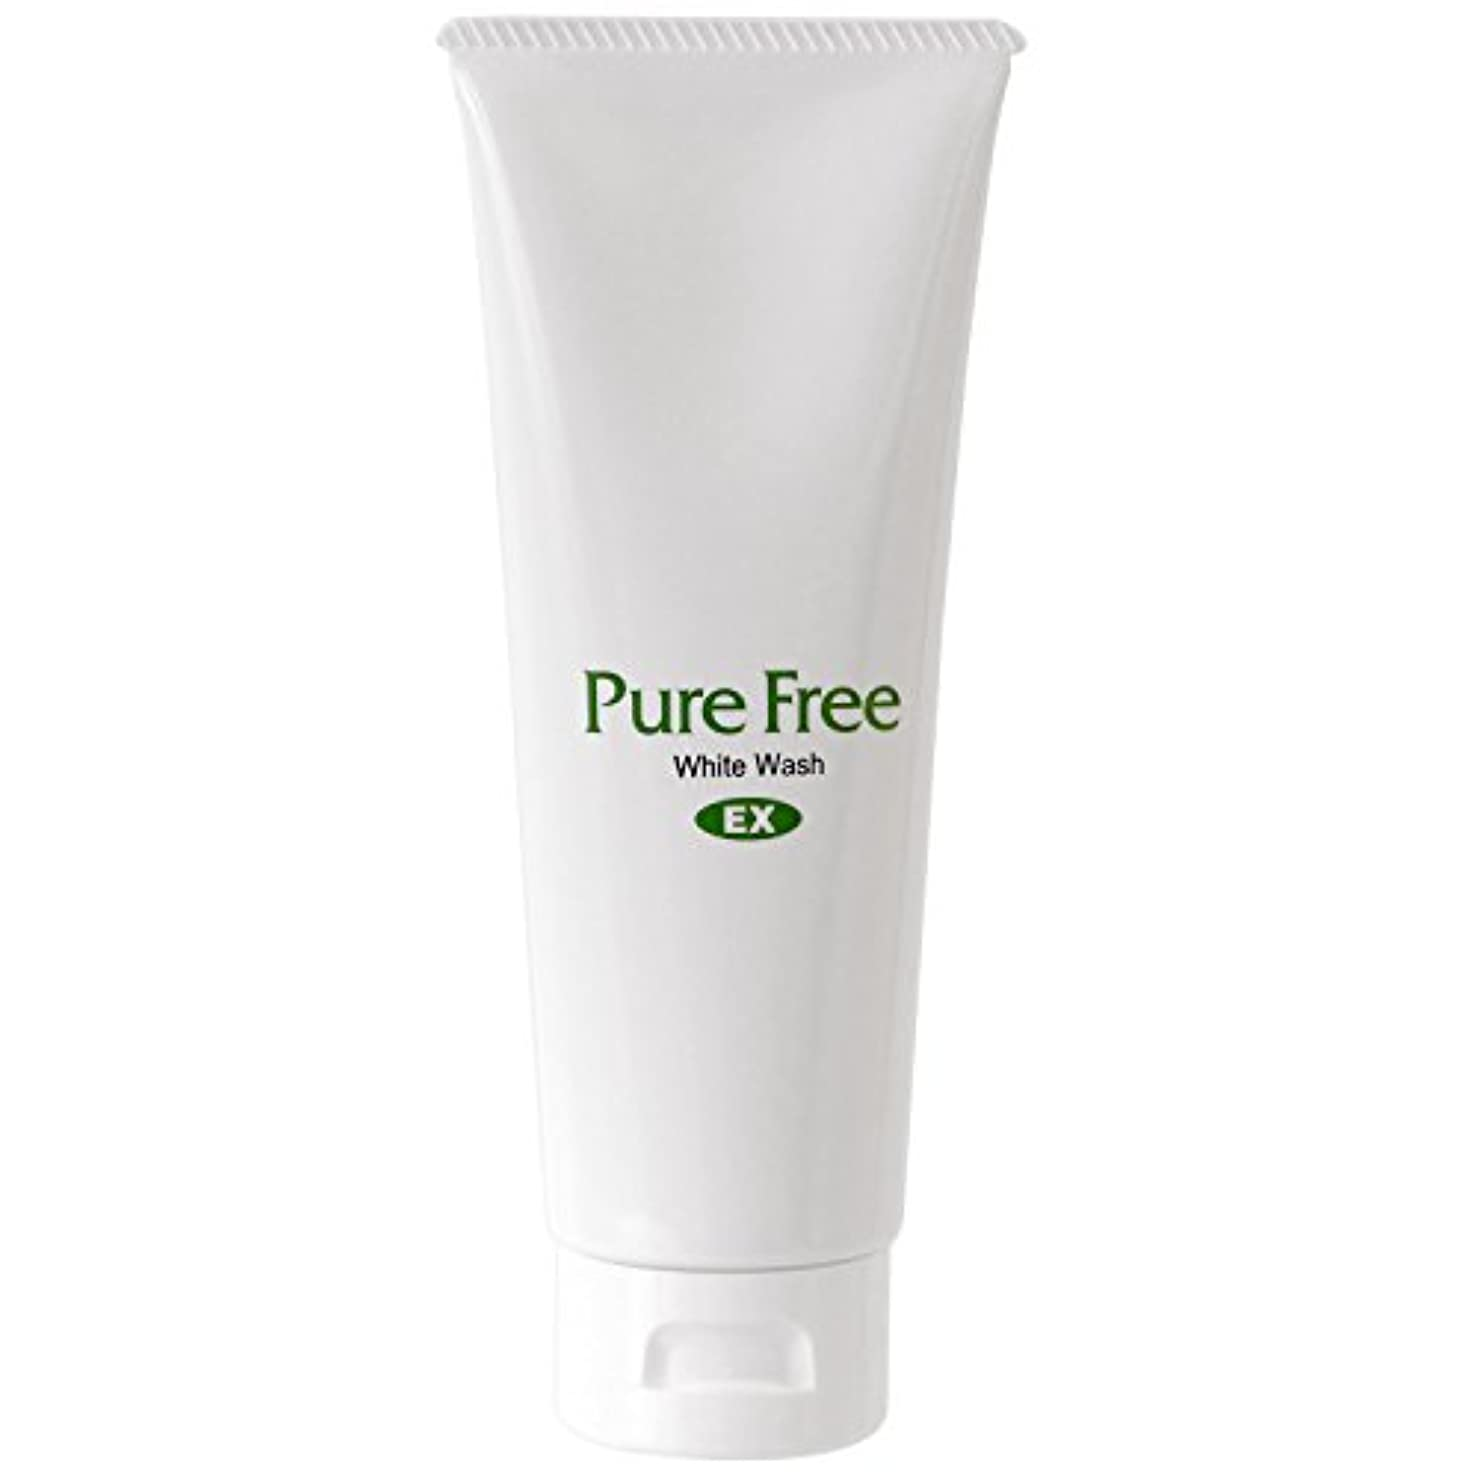 事前に自然公園心理的Pure Free (ピュアフリー) ホワイトウォッシュEX オーガニック 正規品 洗顔料 (サンプル用意あり)